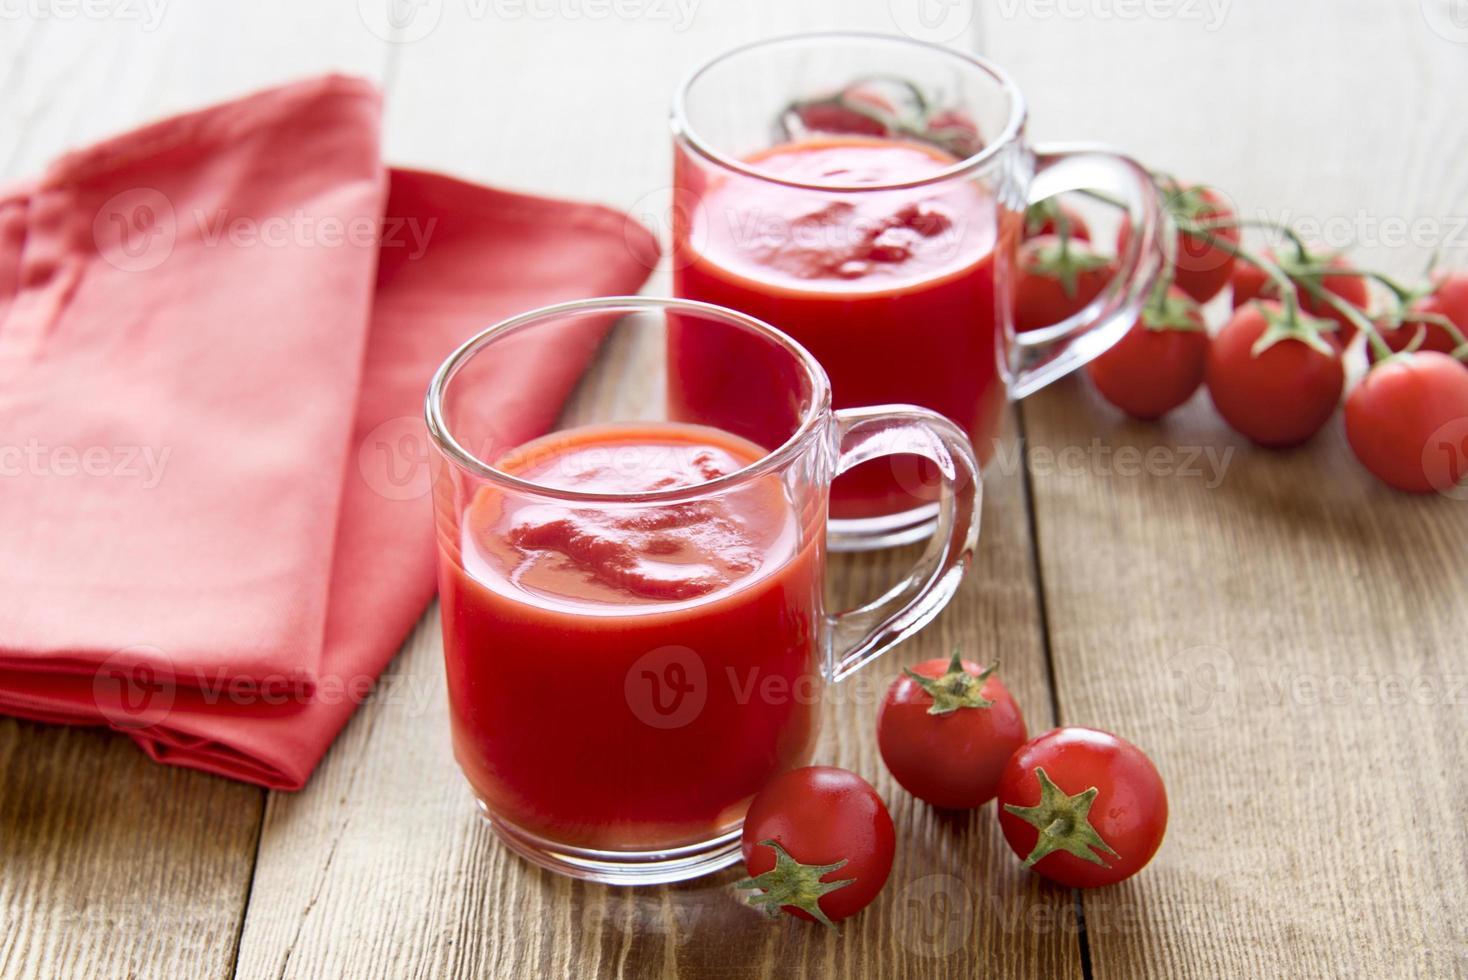 tomatensap glazen foto